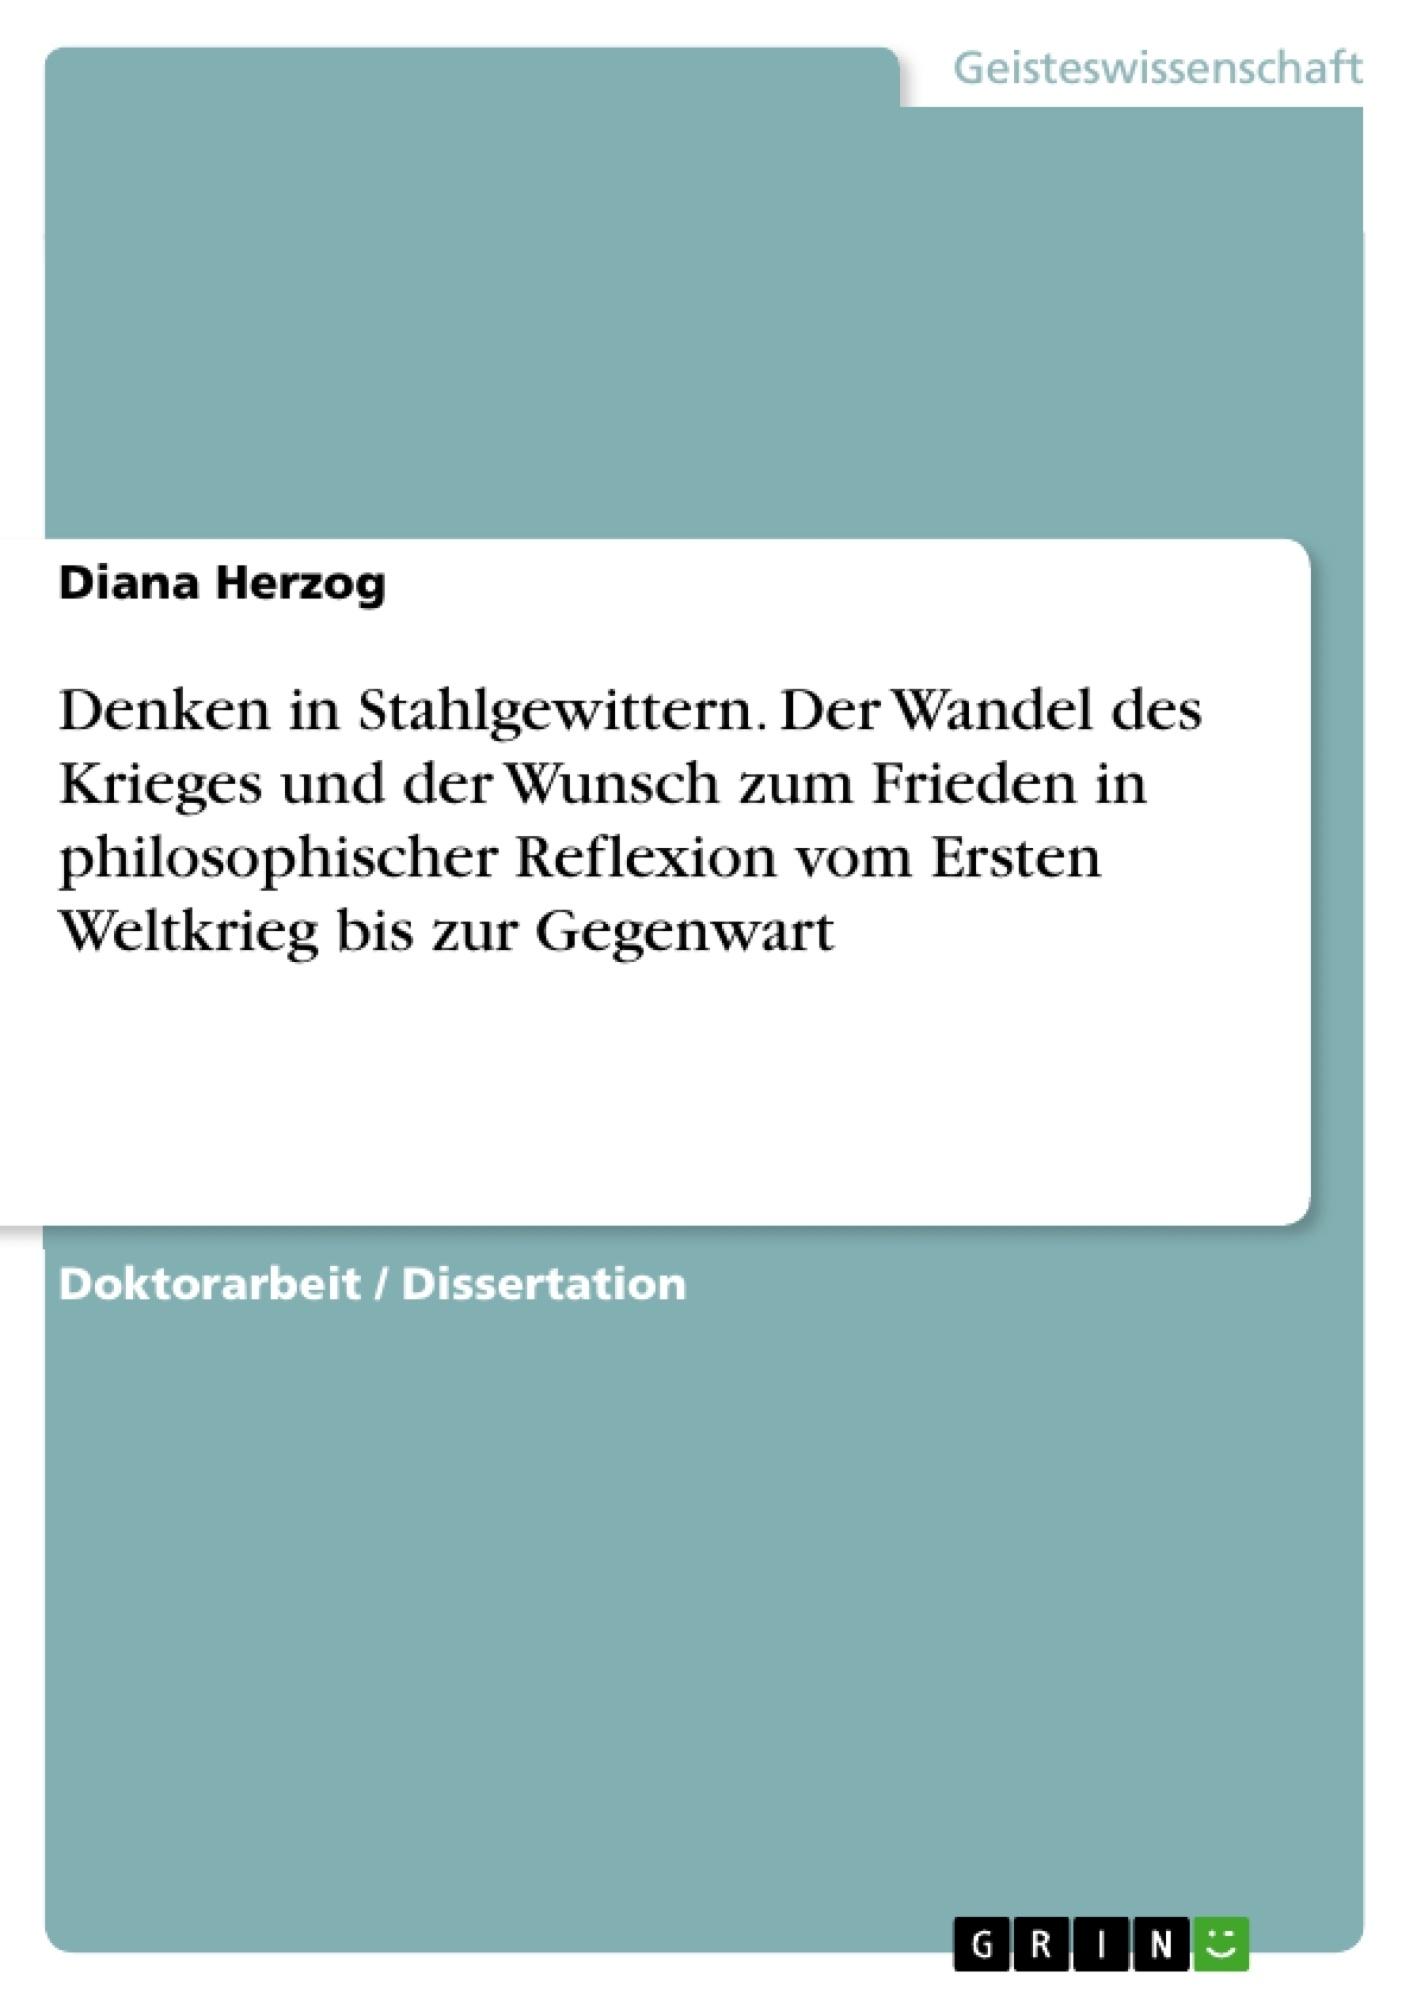 Titel: Denken in Stahlgewittern. Der Wandel des Krieges und der Wunsch zum Frieden in philosophischer Reflexion vom Ersten Weltkrieg bis zur Gegenwart